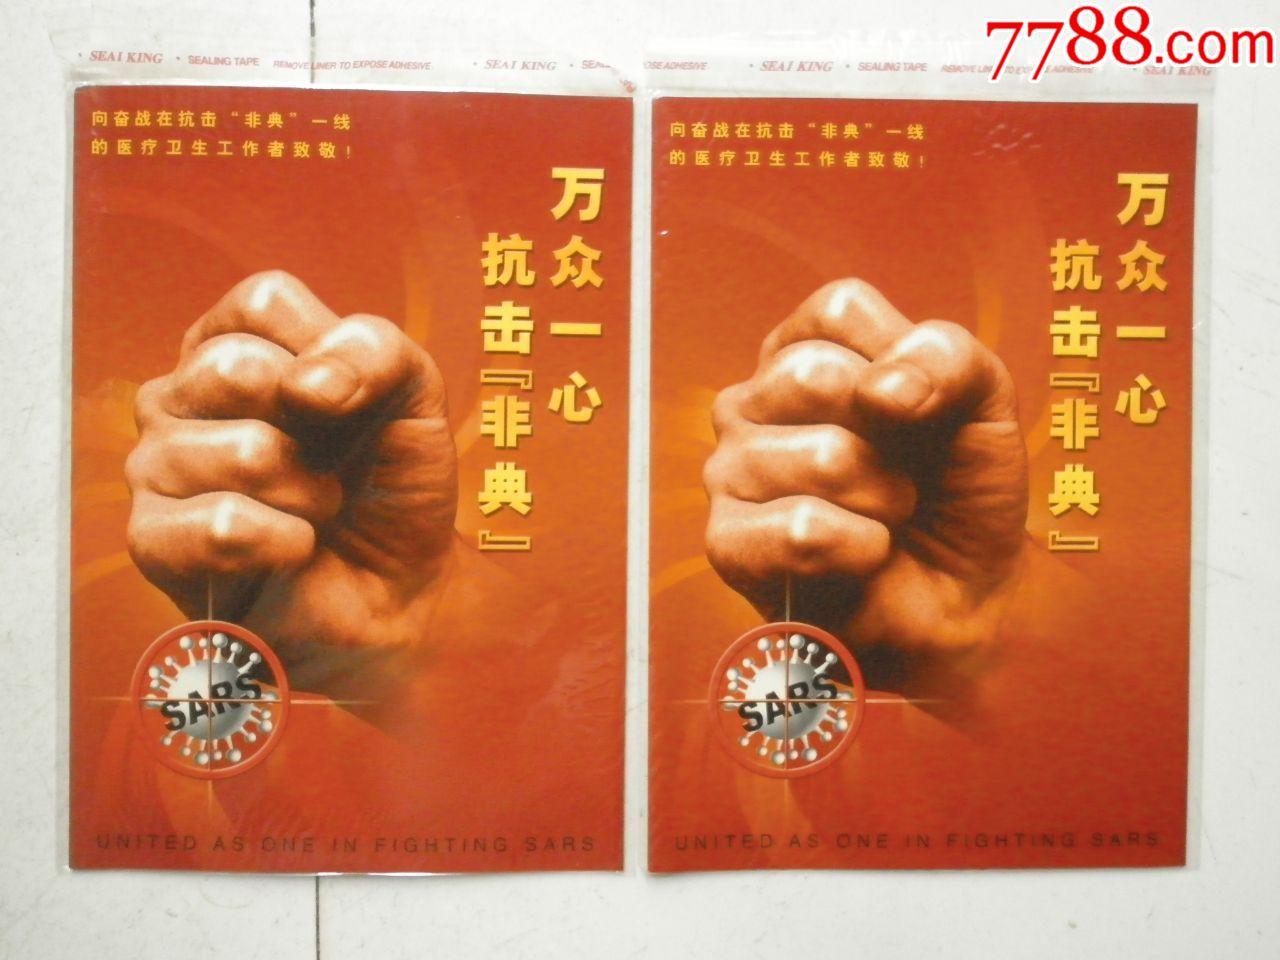 2003特4万众一心抗击非典两版连号合拍图片